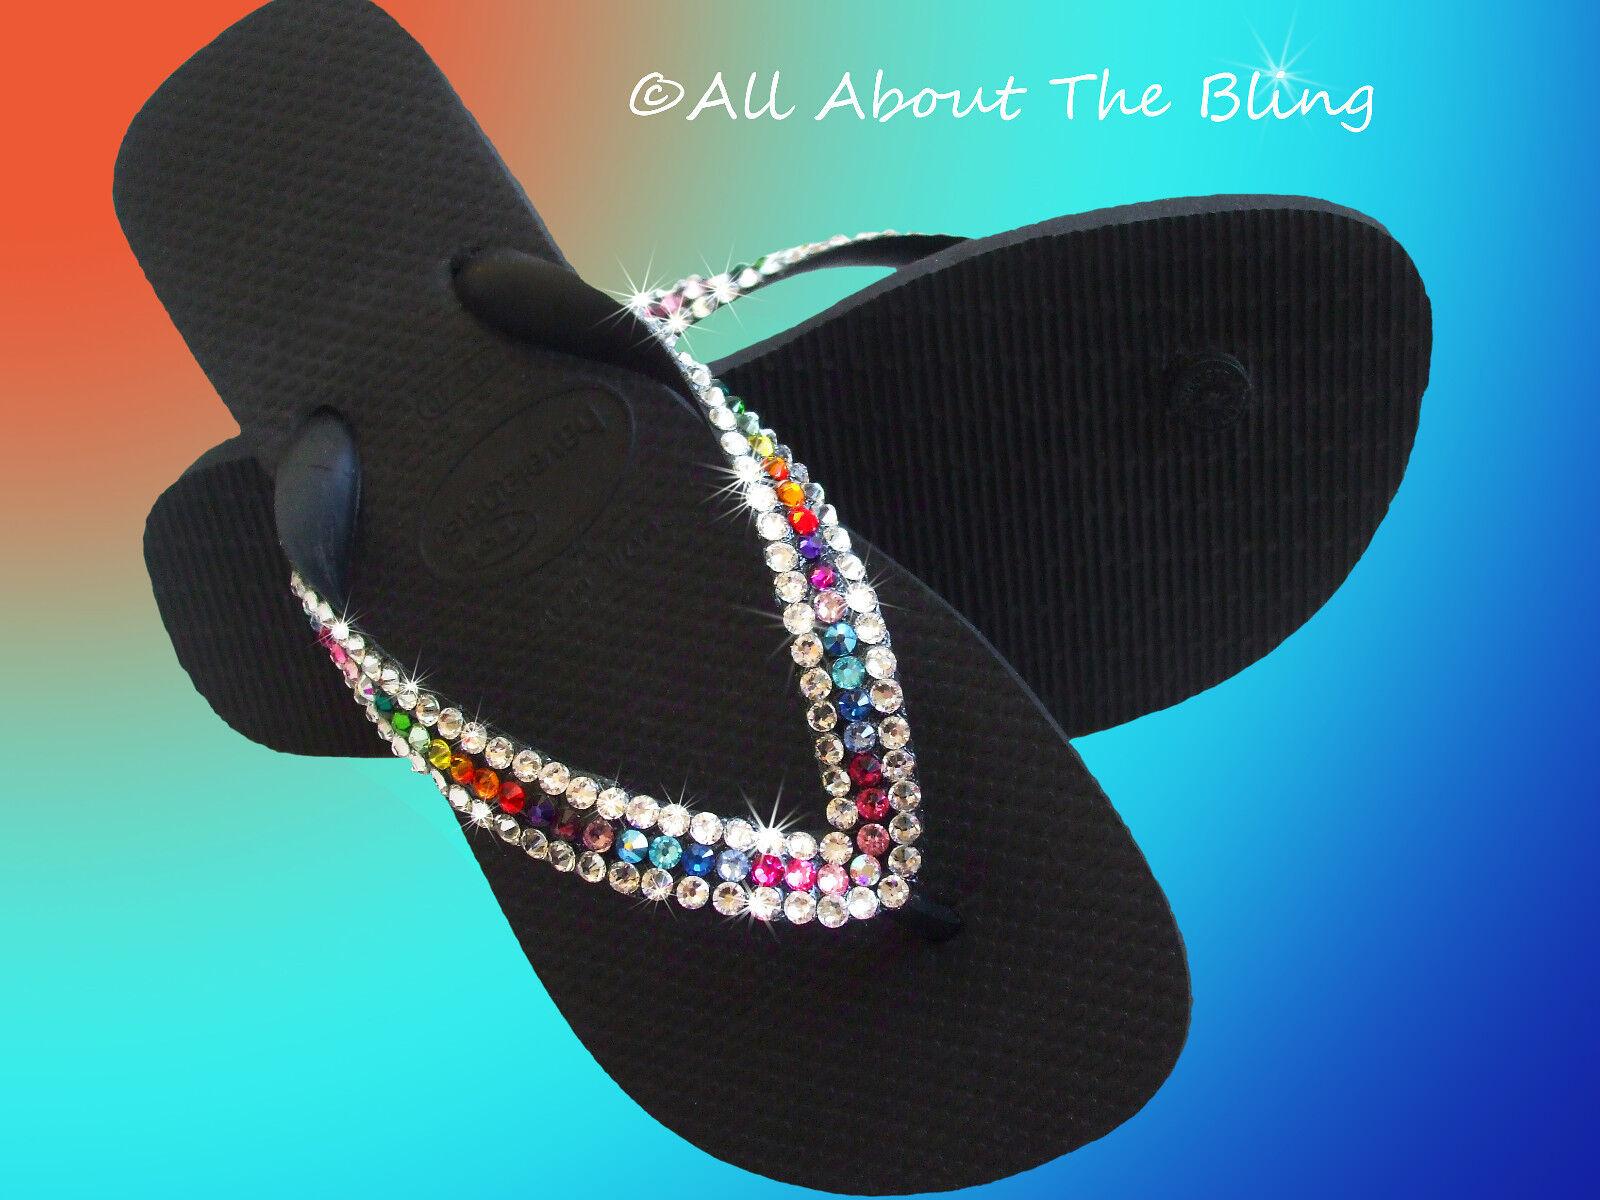 Havaianas Crystals flip flops using Swarovski Crystals Havaianas My Exclusive Design Stunning Schuhe af5d3b